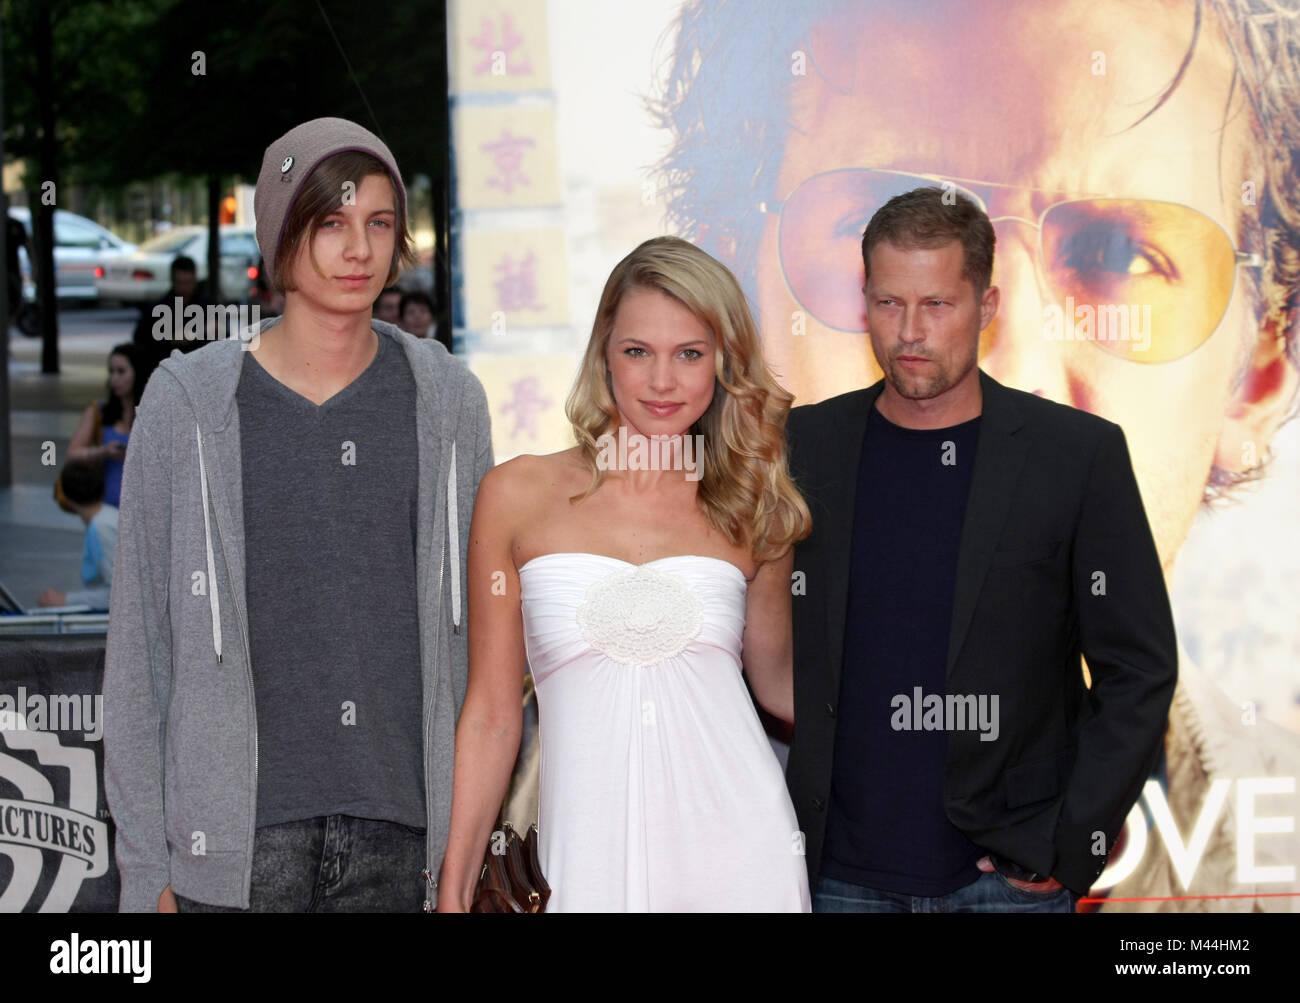 Til Schweiger, Svenja Holtman and son Valentin - Stock Image